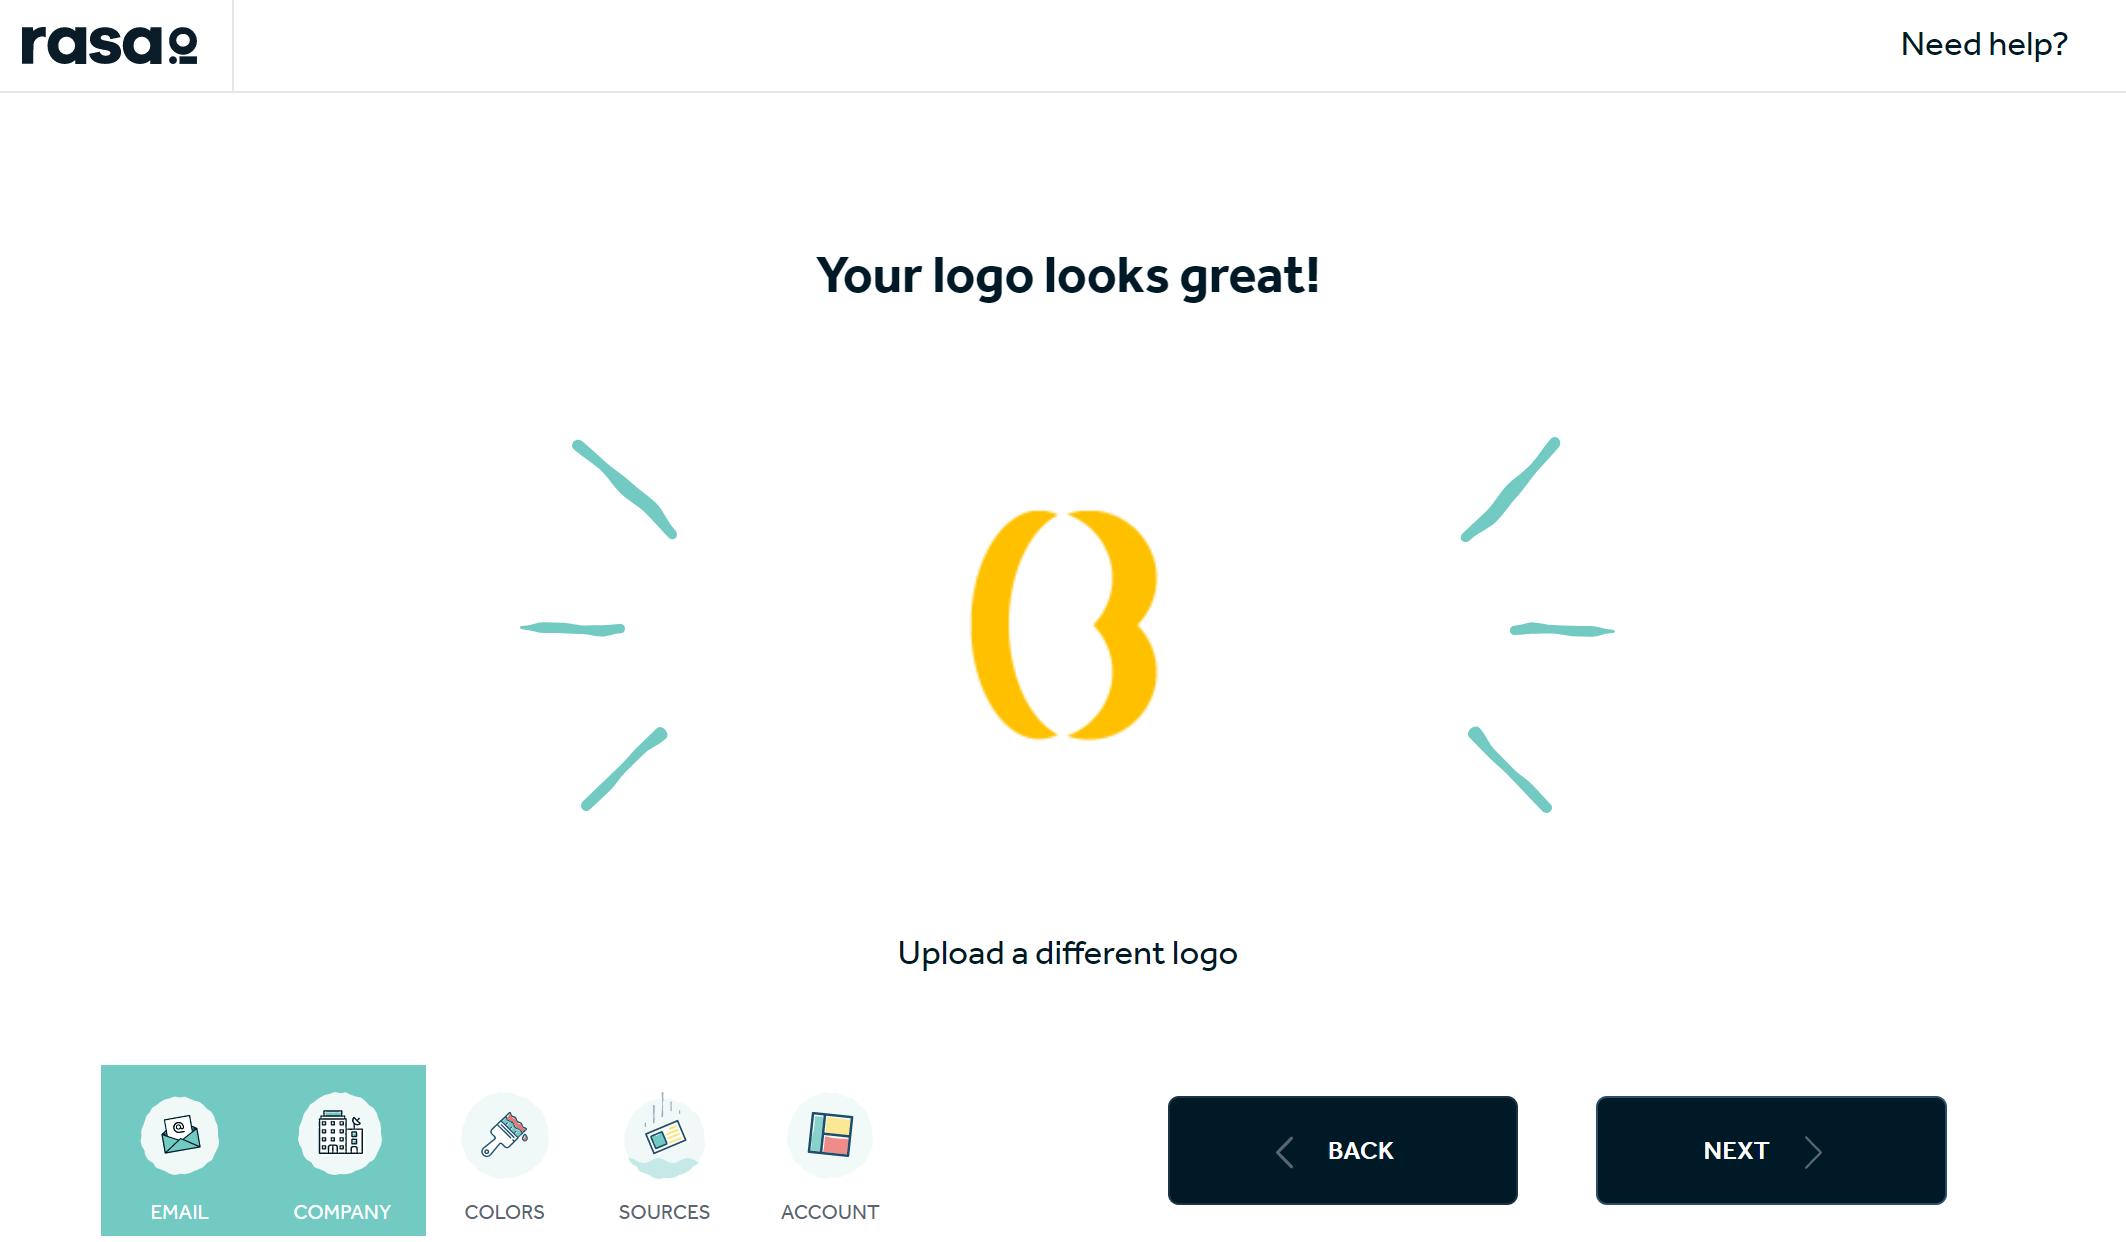 Rasa.io - Logo Extract